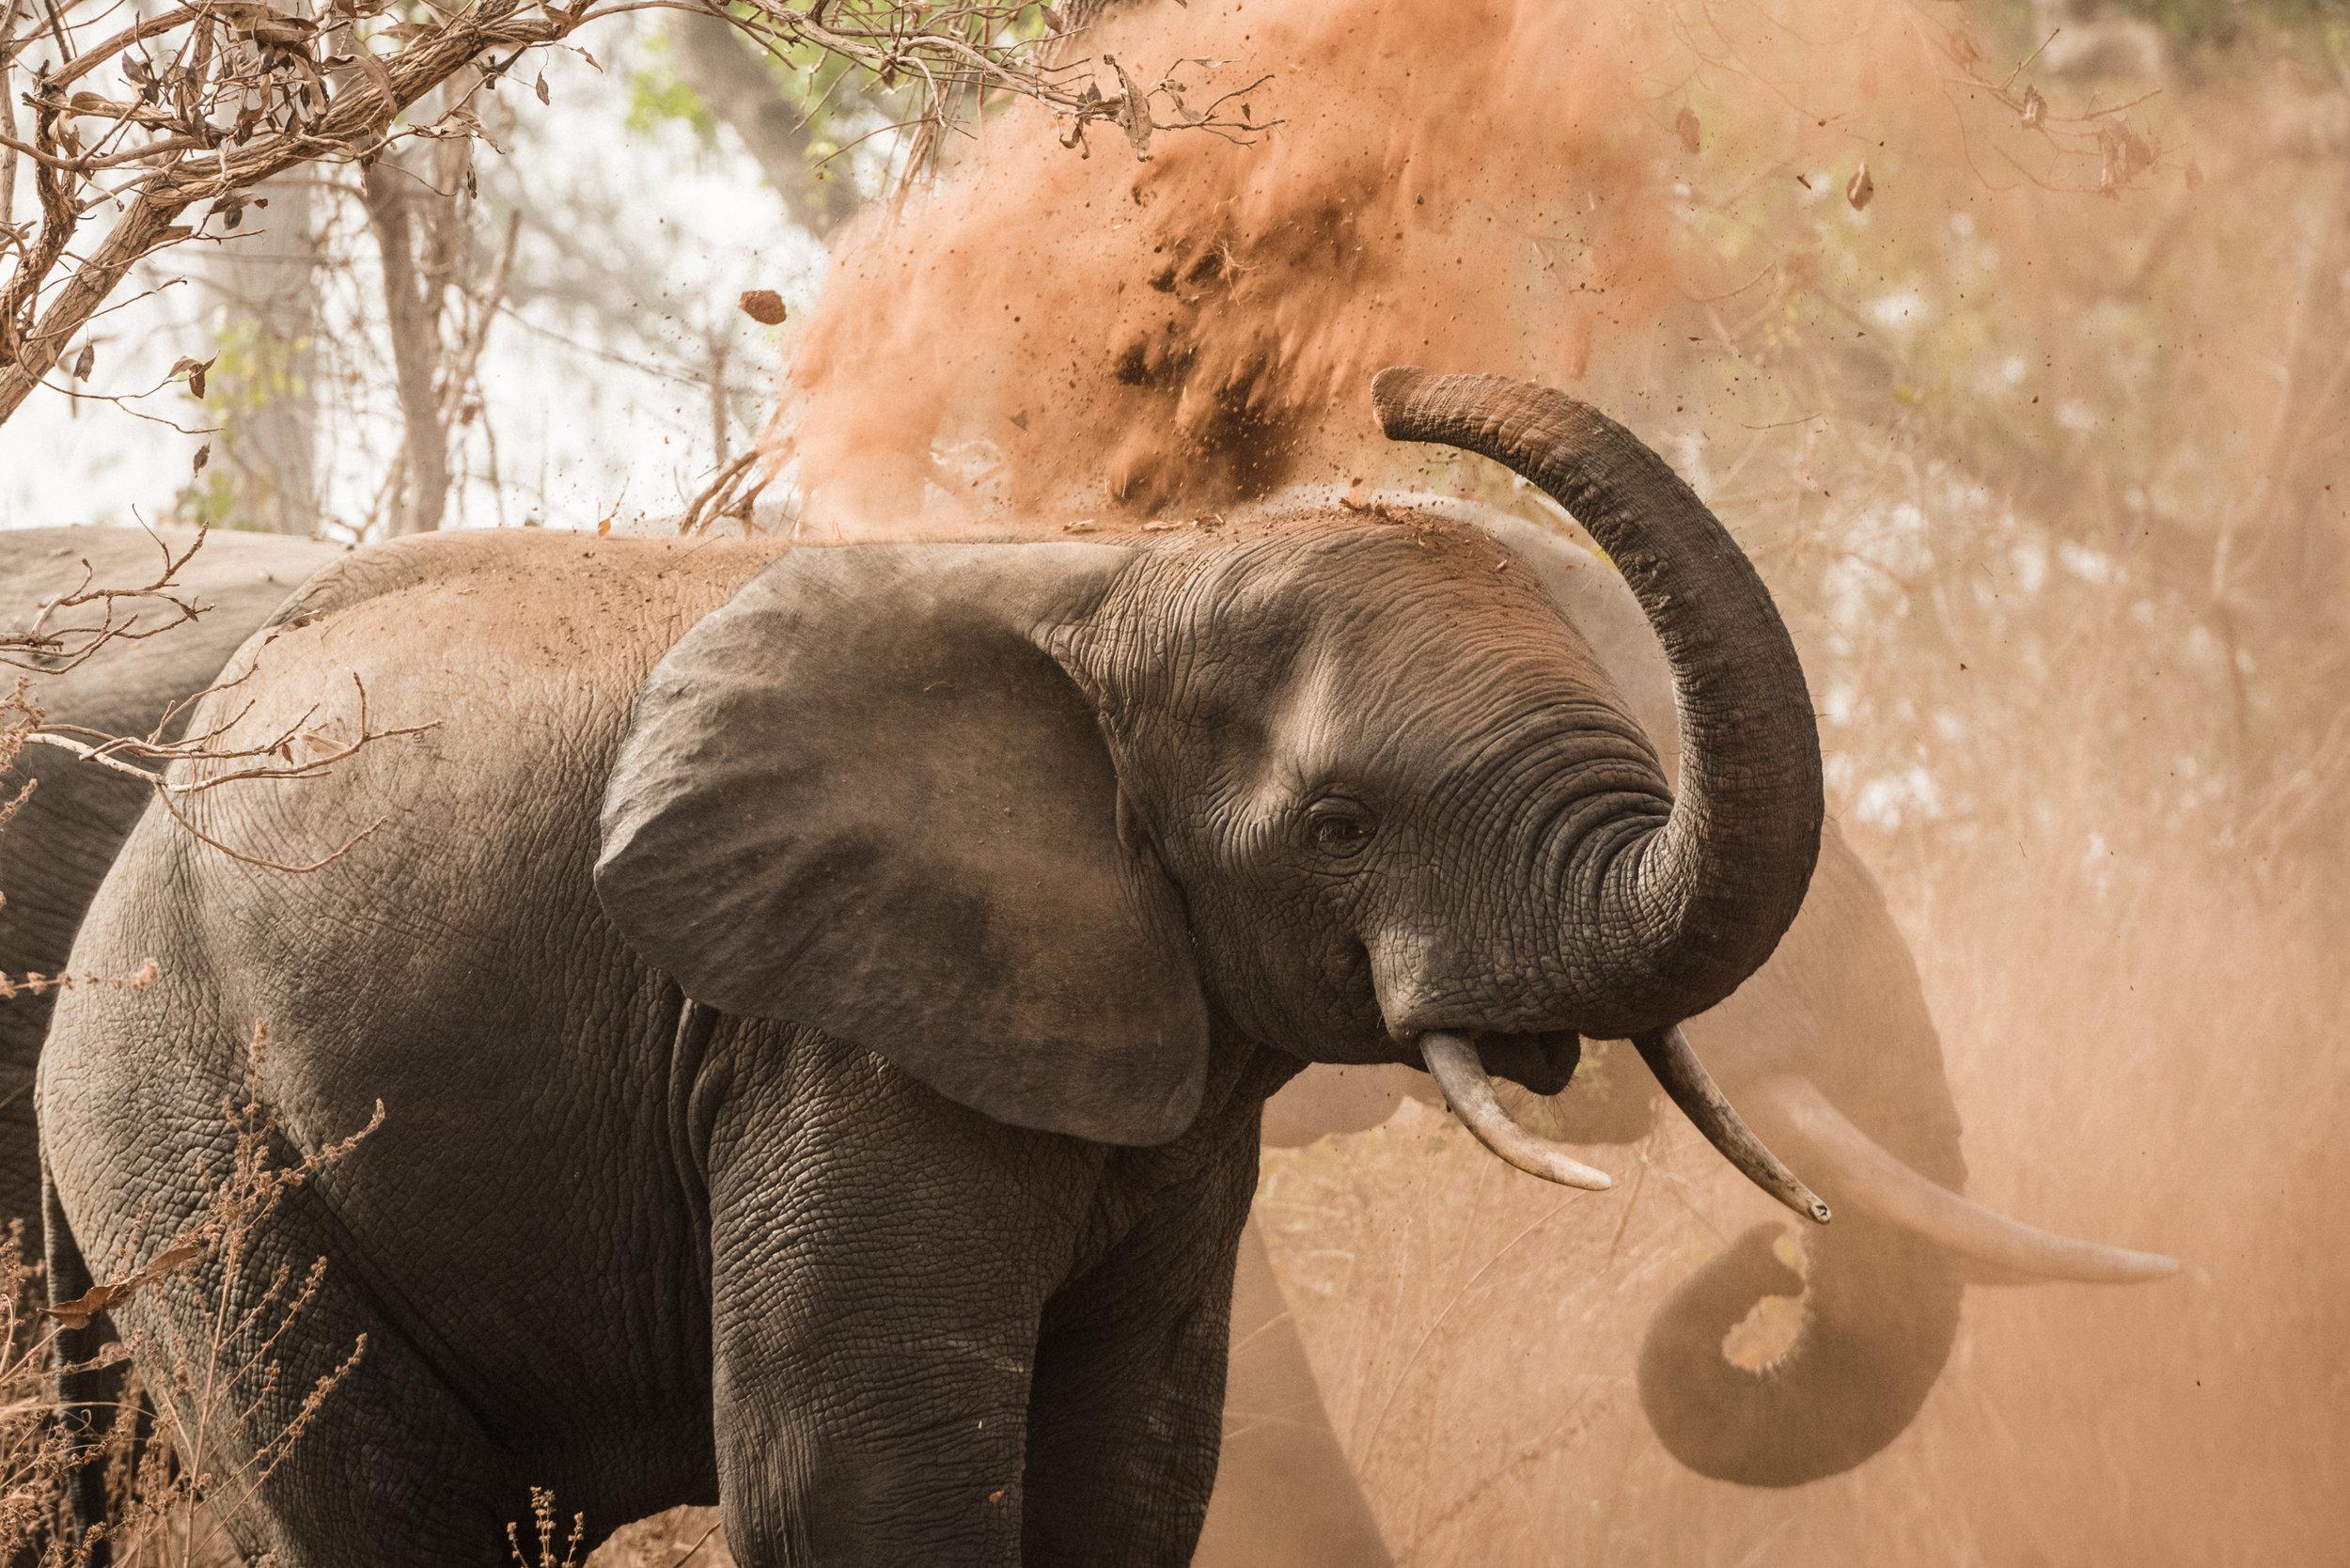 Ghana_African_Humanitarian_Photographer_TaraShupe_Safari_011.jpg